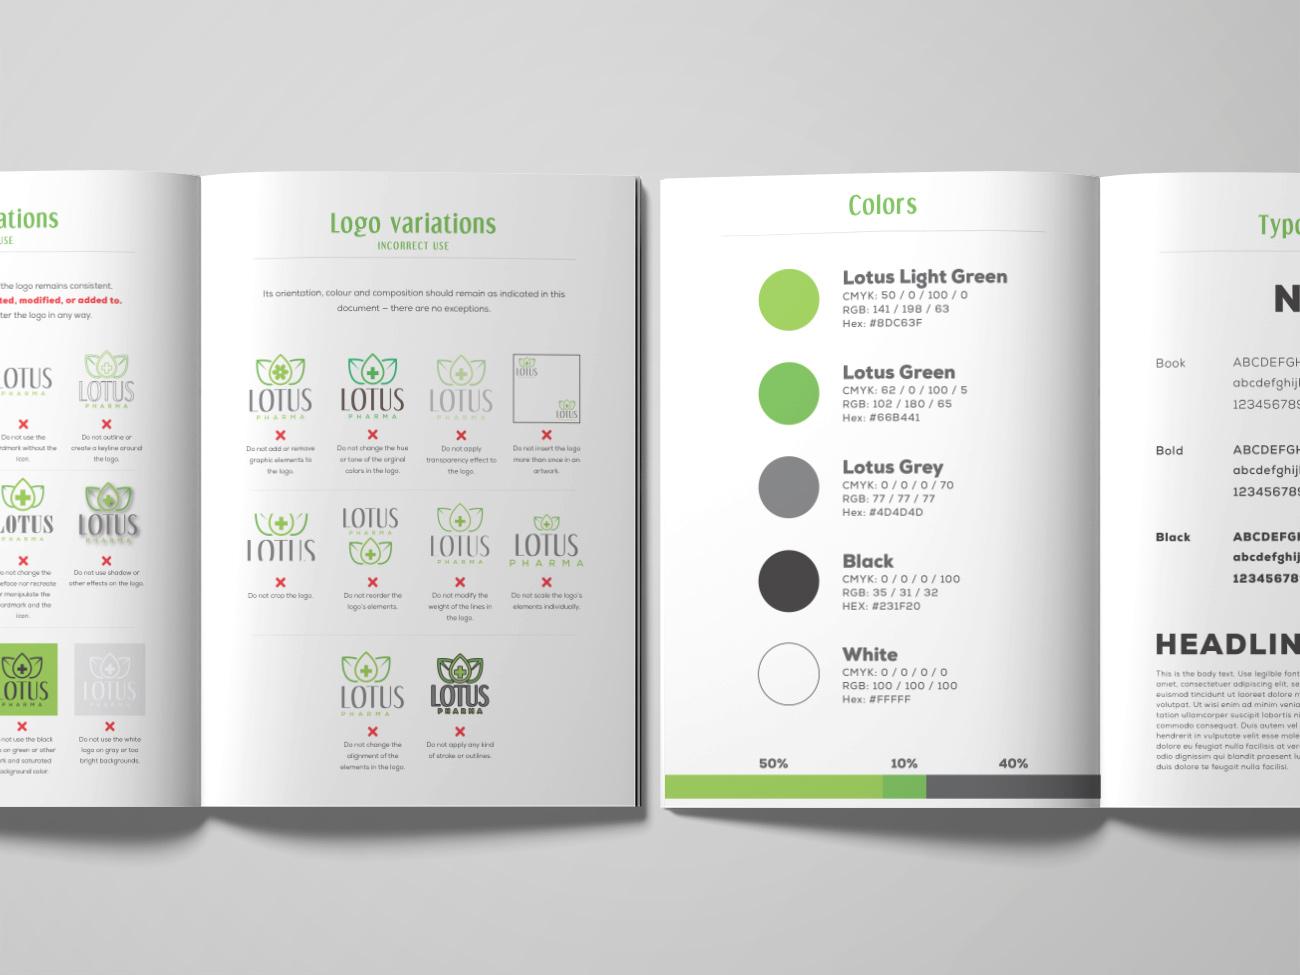 Lotus Pharma Brandbook